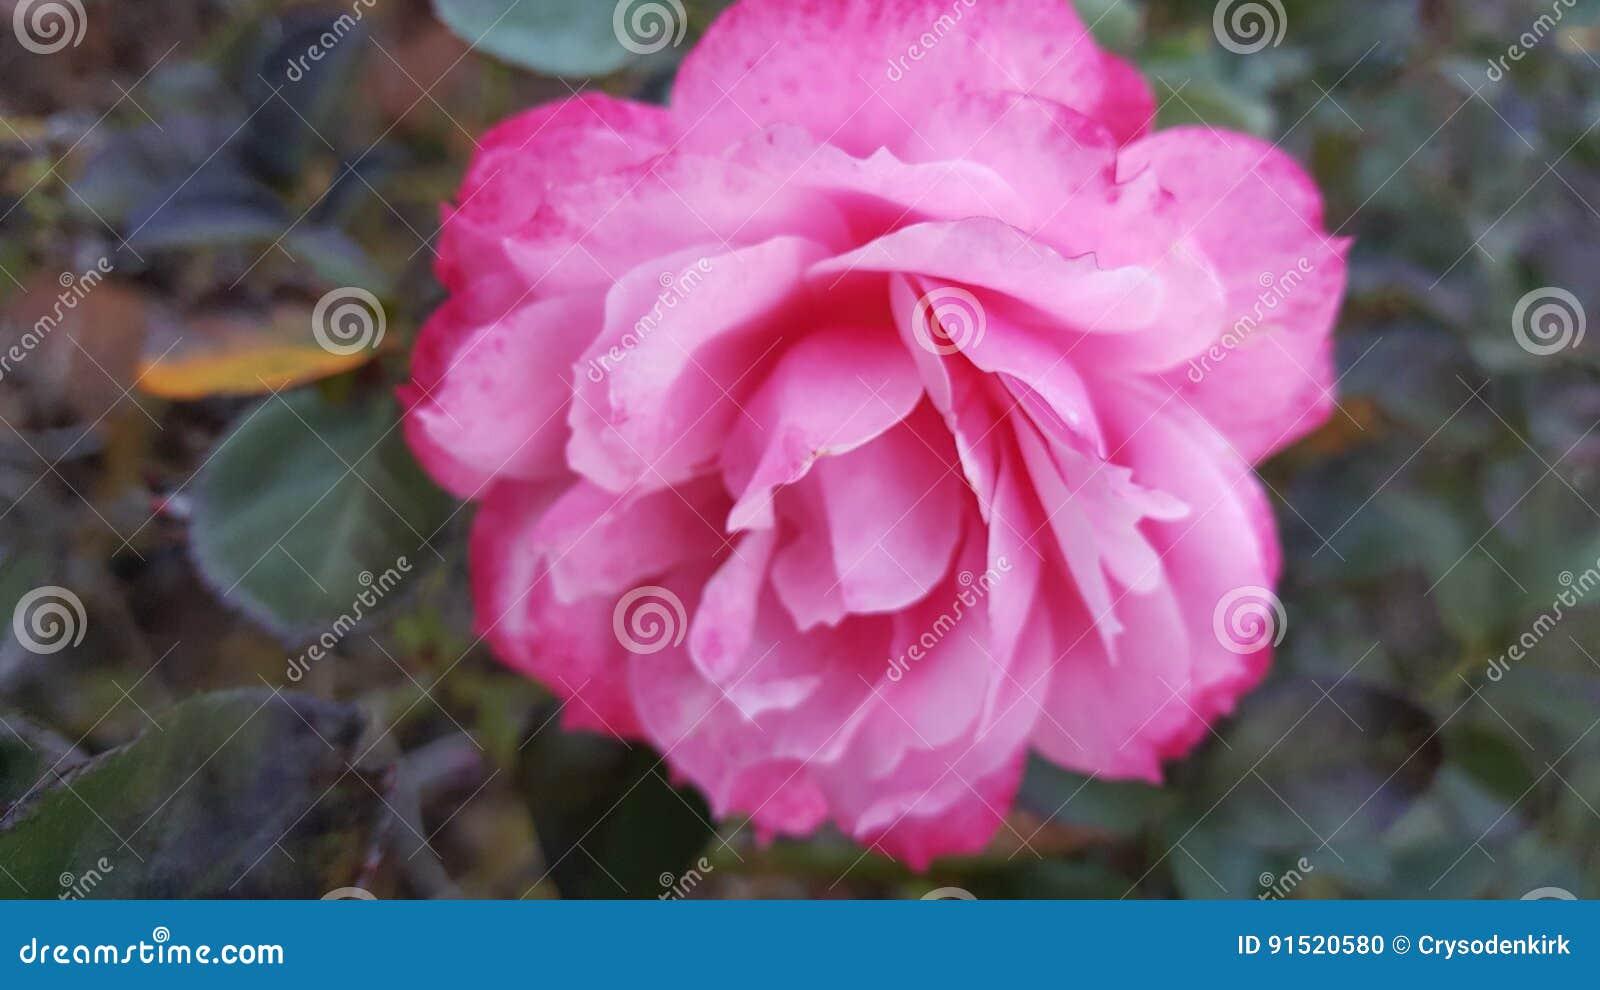 Rose In Fall